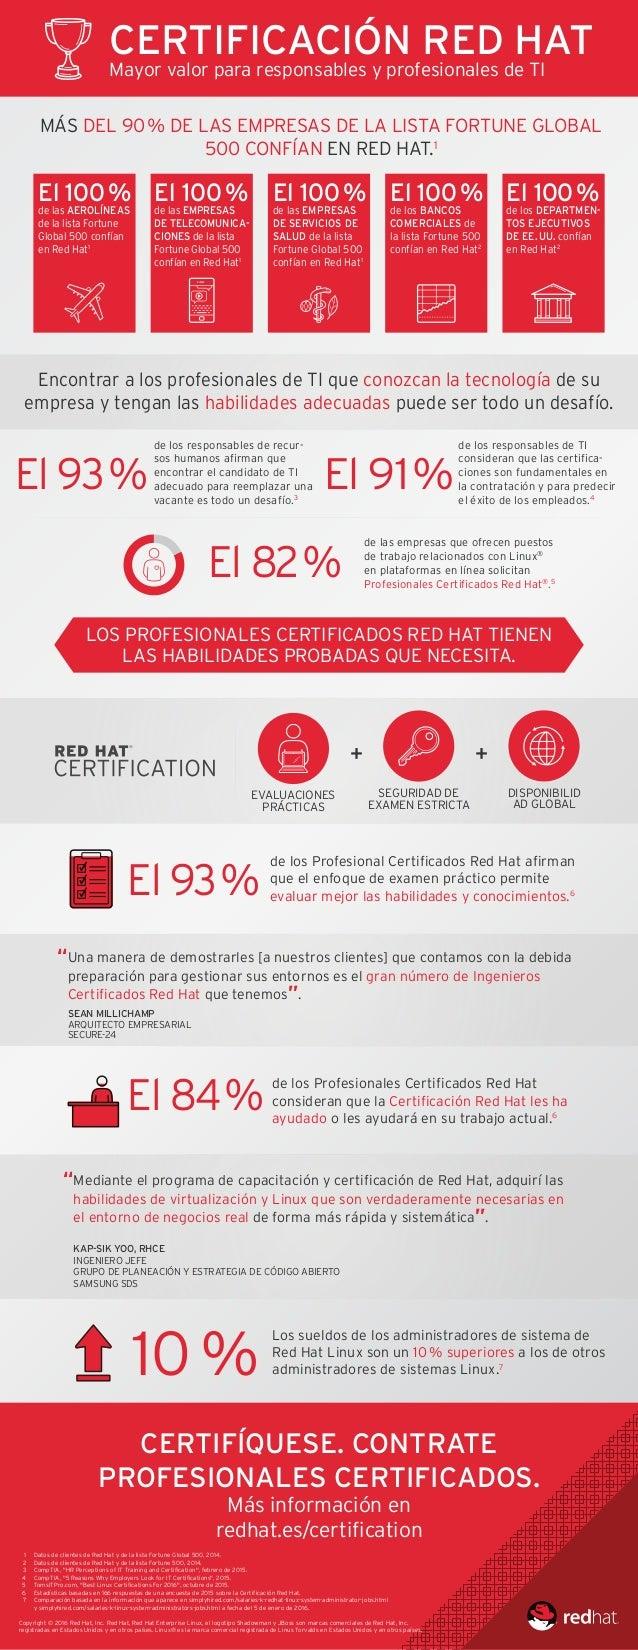 1 Datos de clientes de Red Hat y de la lista Fortune Global 500, 2014. 2 Datos de clientes de Red Hat y de la lista Fortun...